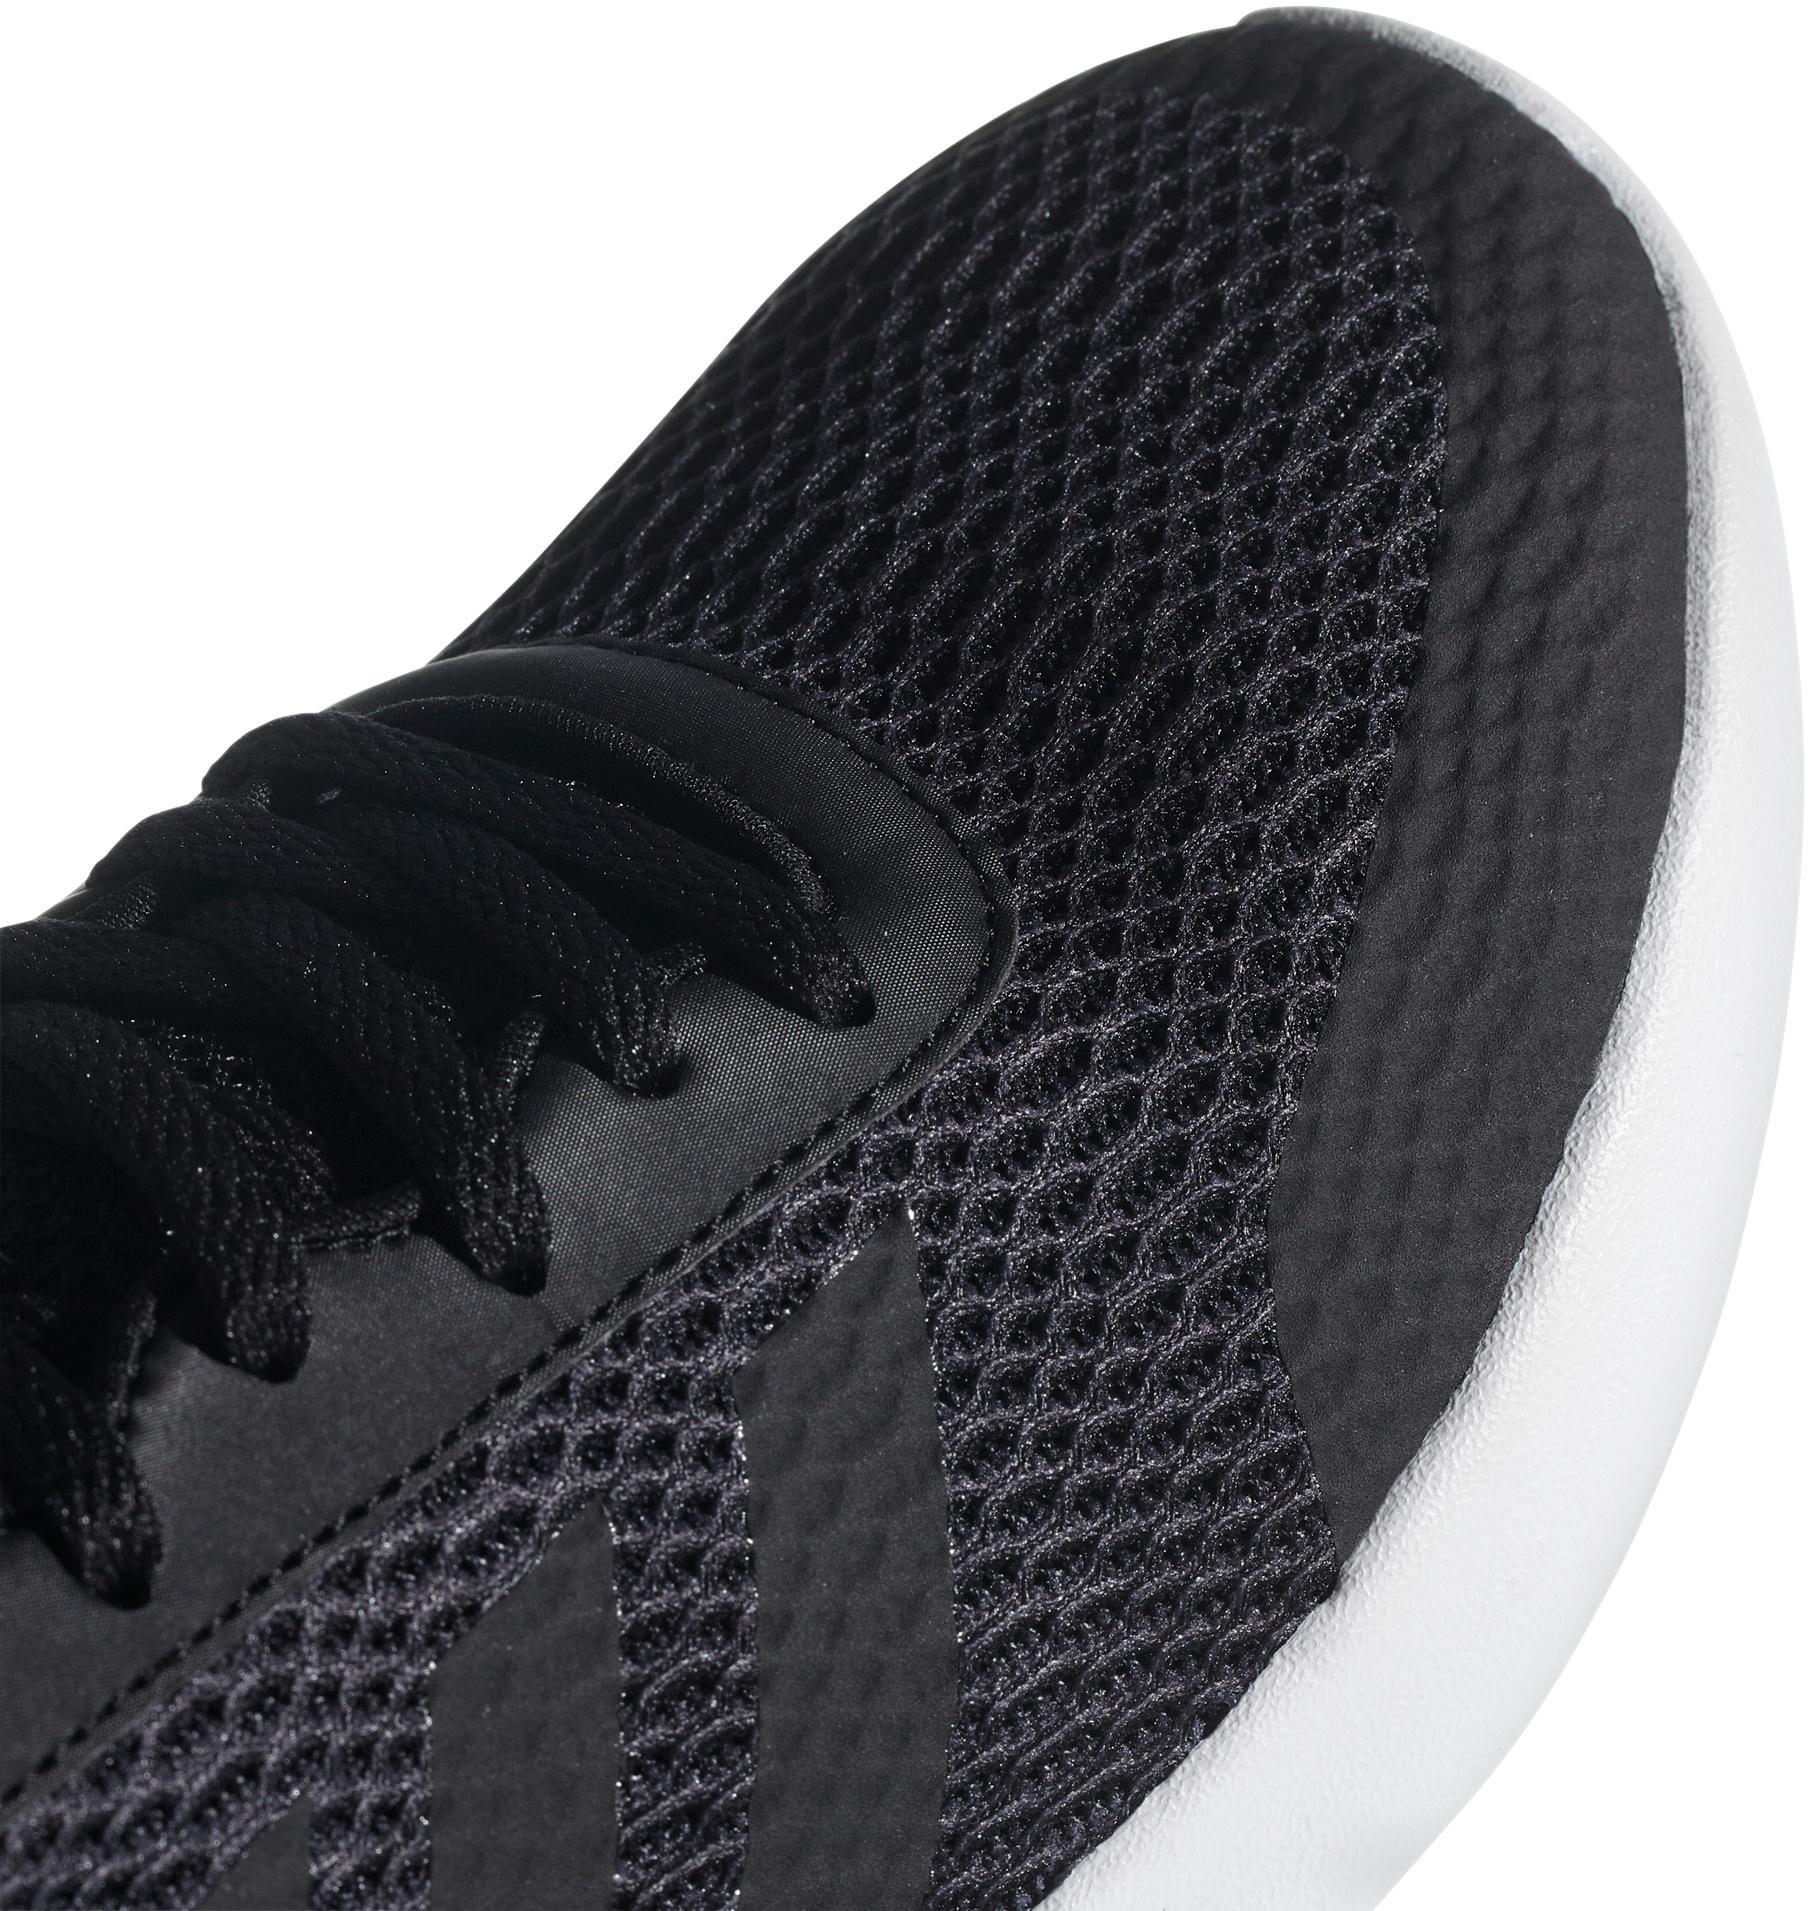 Adidas Element Race Fitnessschuhe Damen grau two im Online Shop Shop Shop von SportScheck kaufen Gute Qualität beliebte Schuhe c8780c